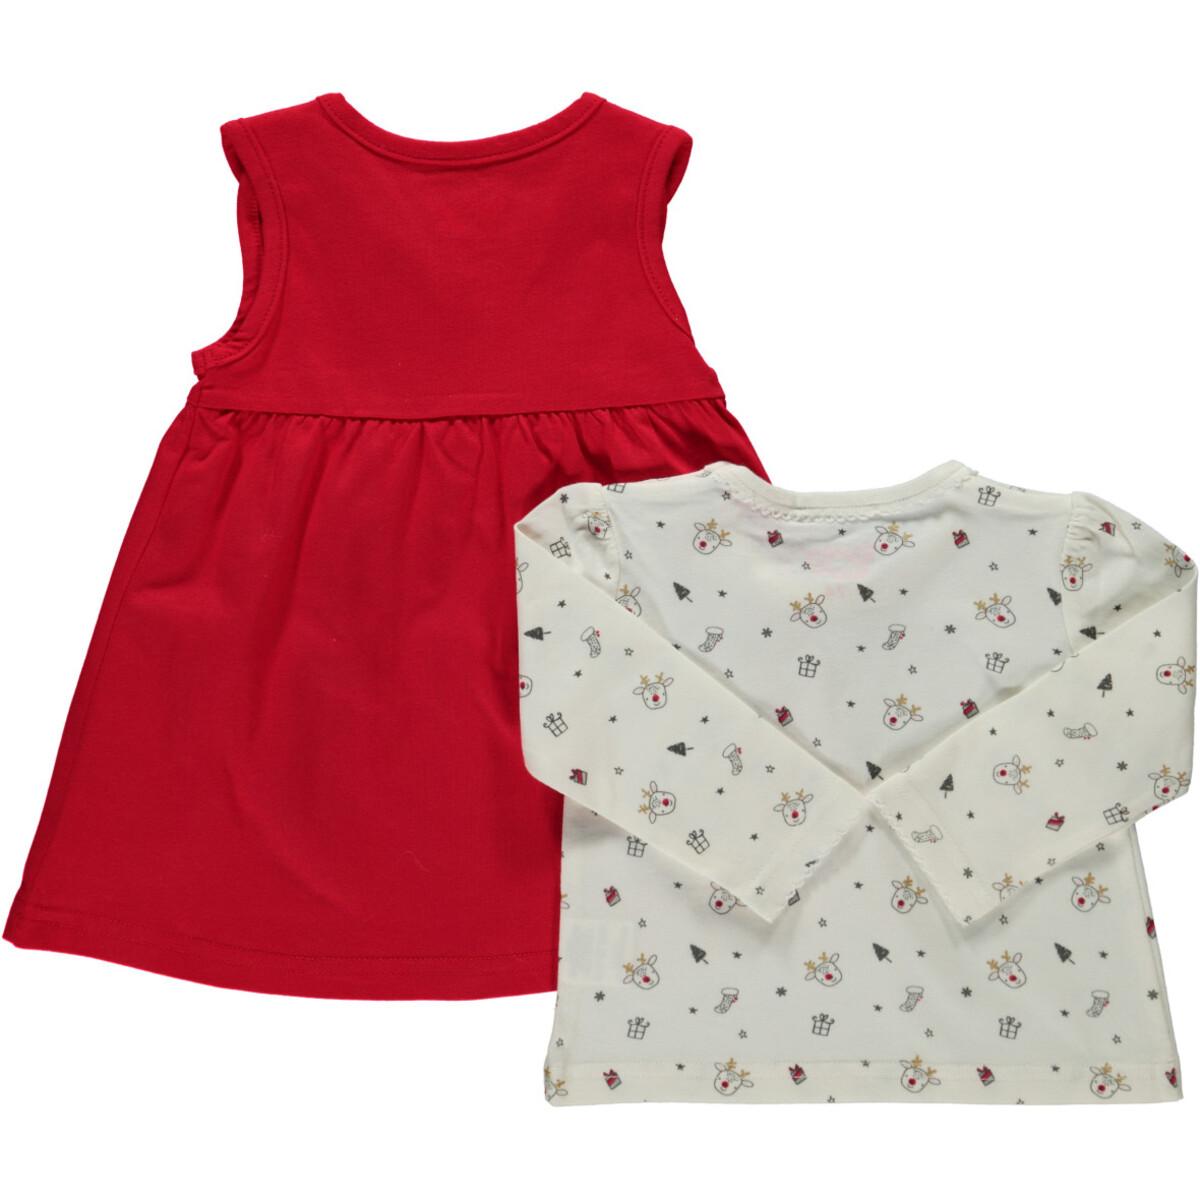 Bild 2 von Baby Set, best. aus Langarmshirt und Kleid